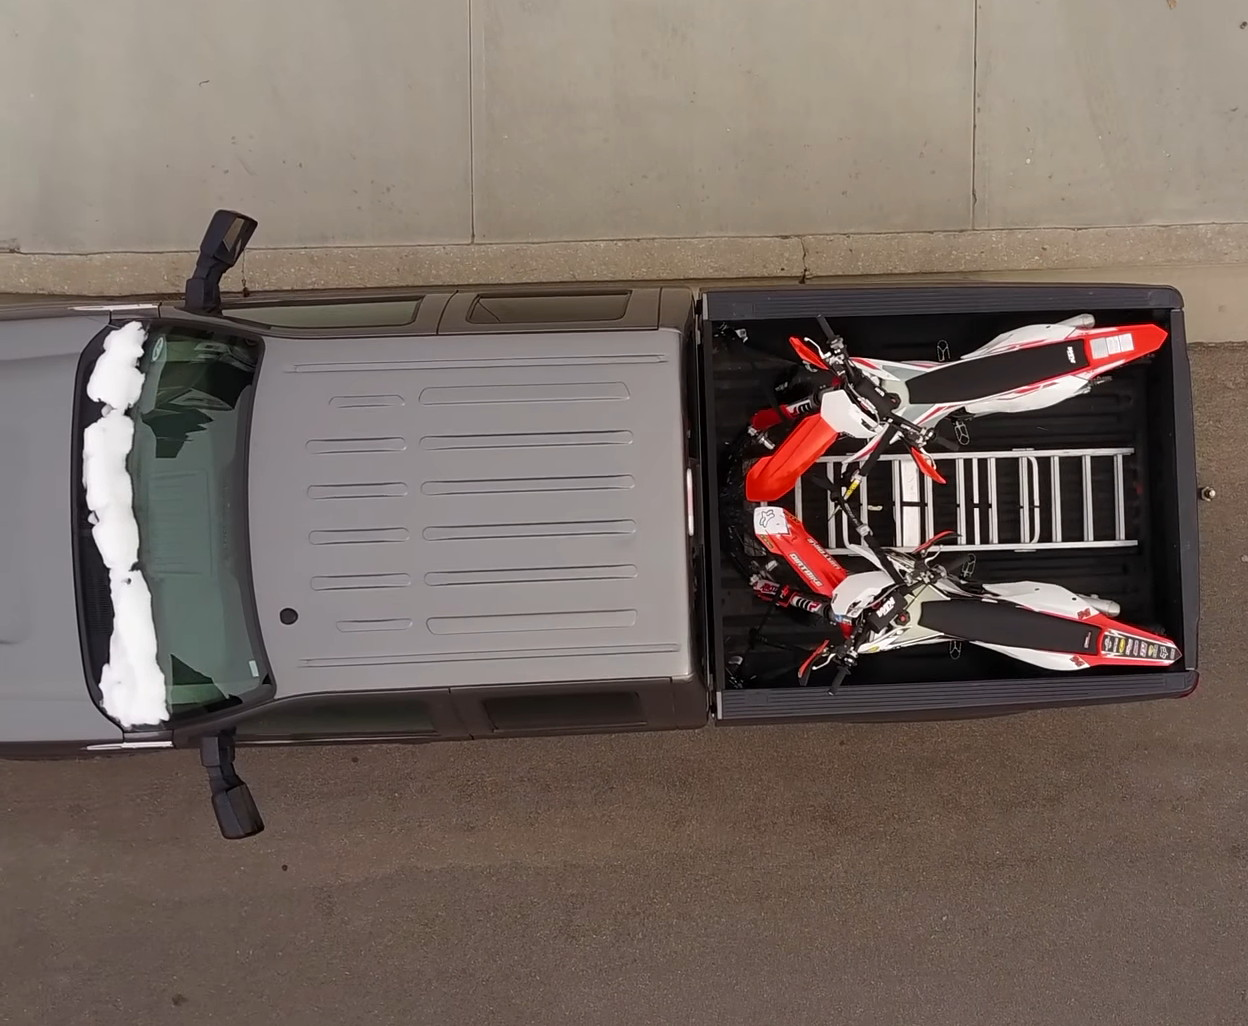 F250 SuperDuty Short Box 2 Motorcycles 02.jpg